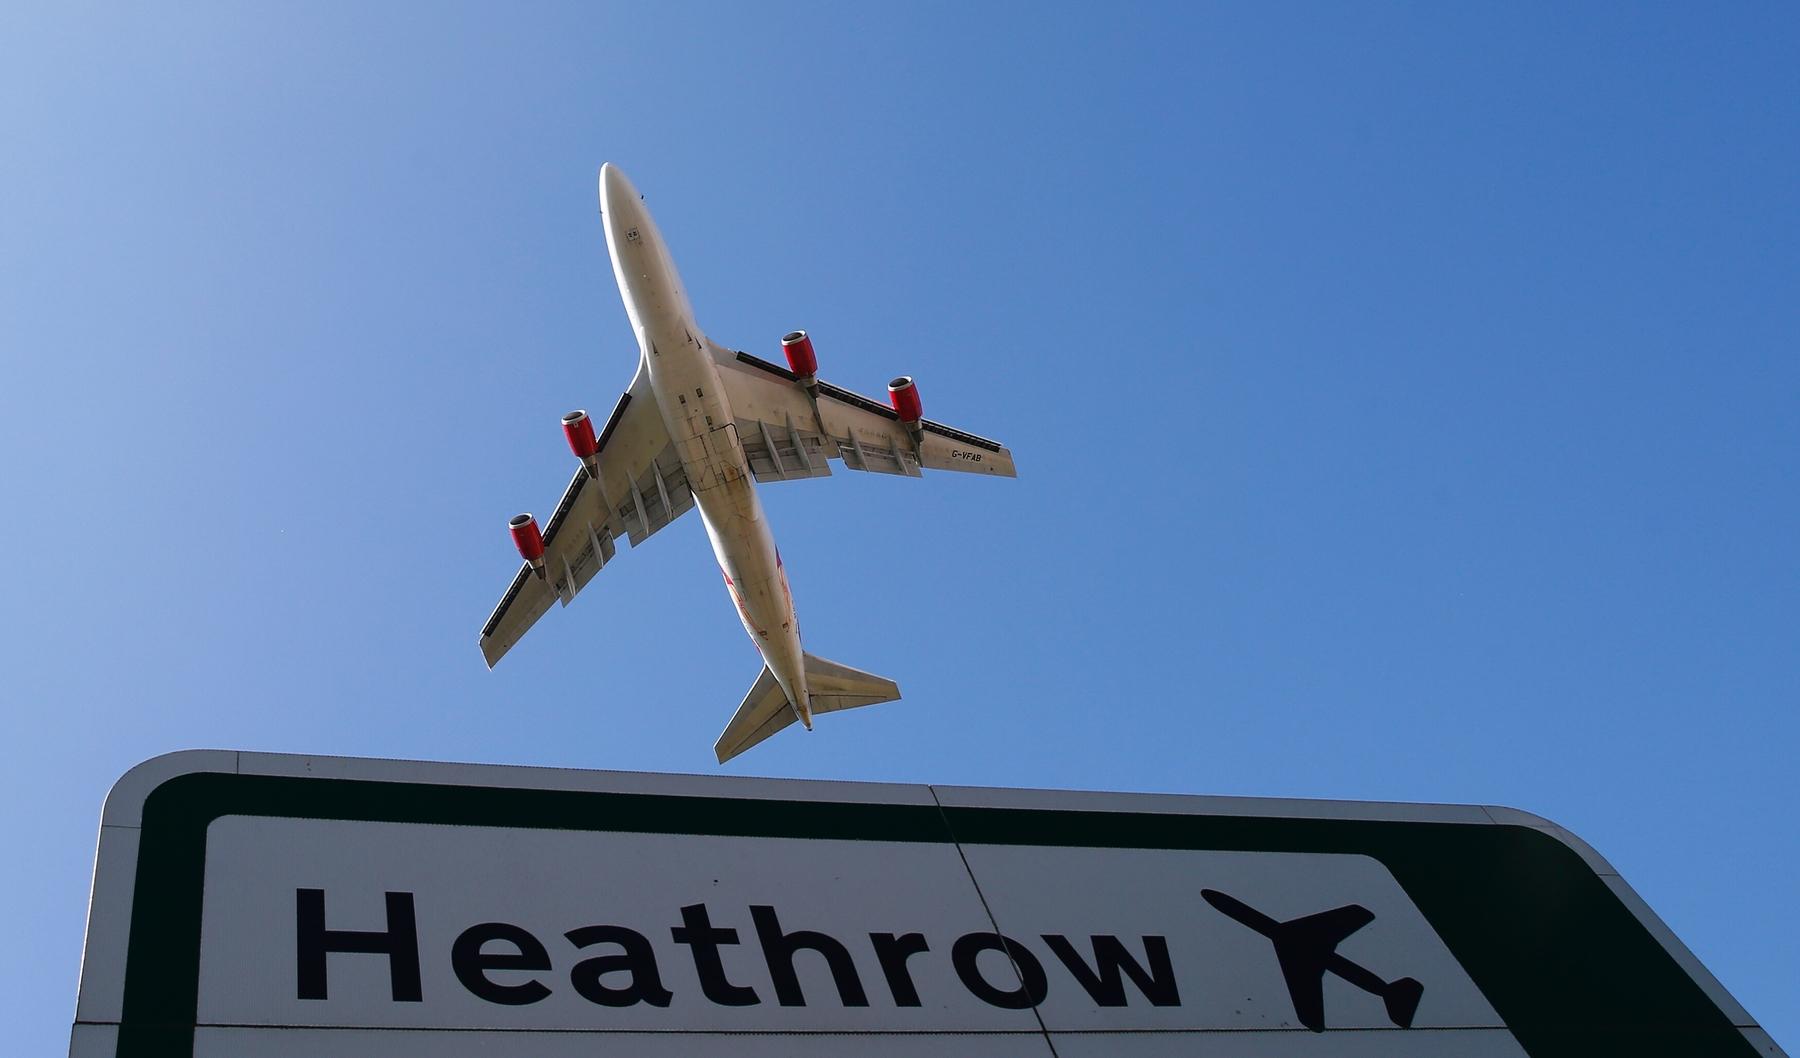 Einreise- und Visabestimmungen bei Reisen nach Großbritannien